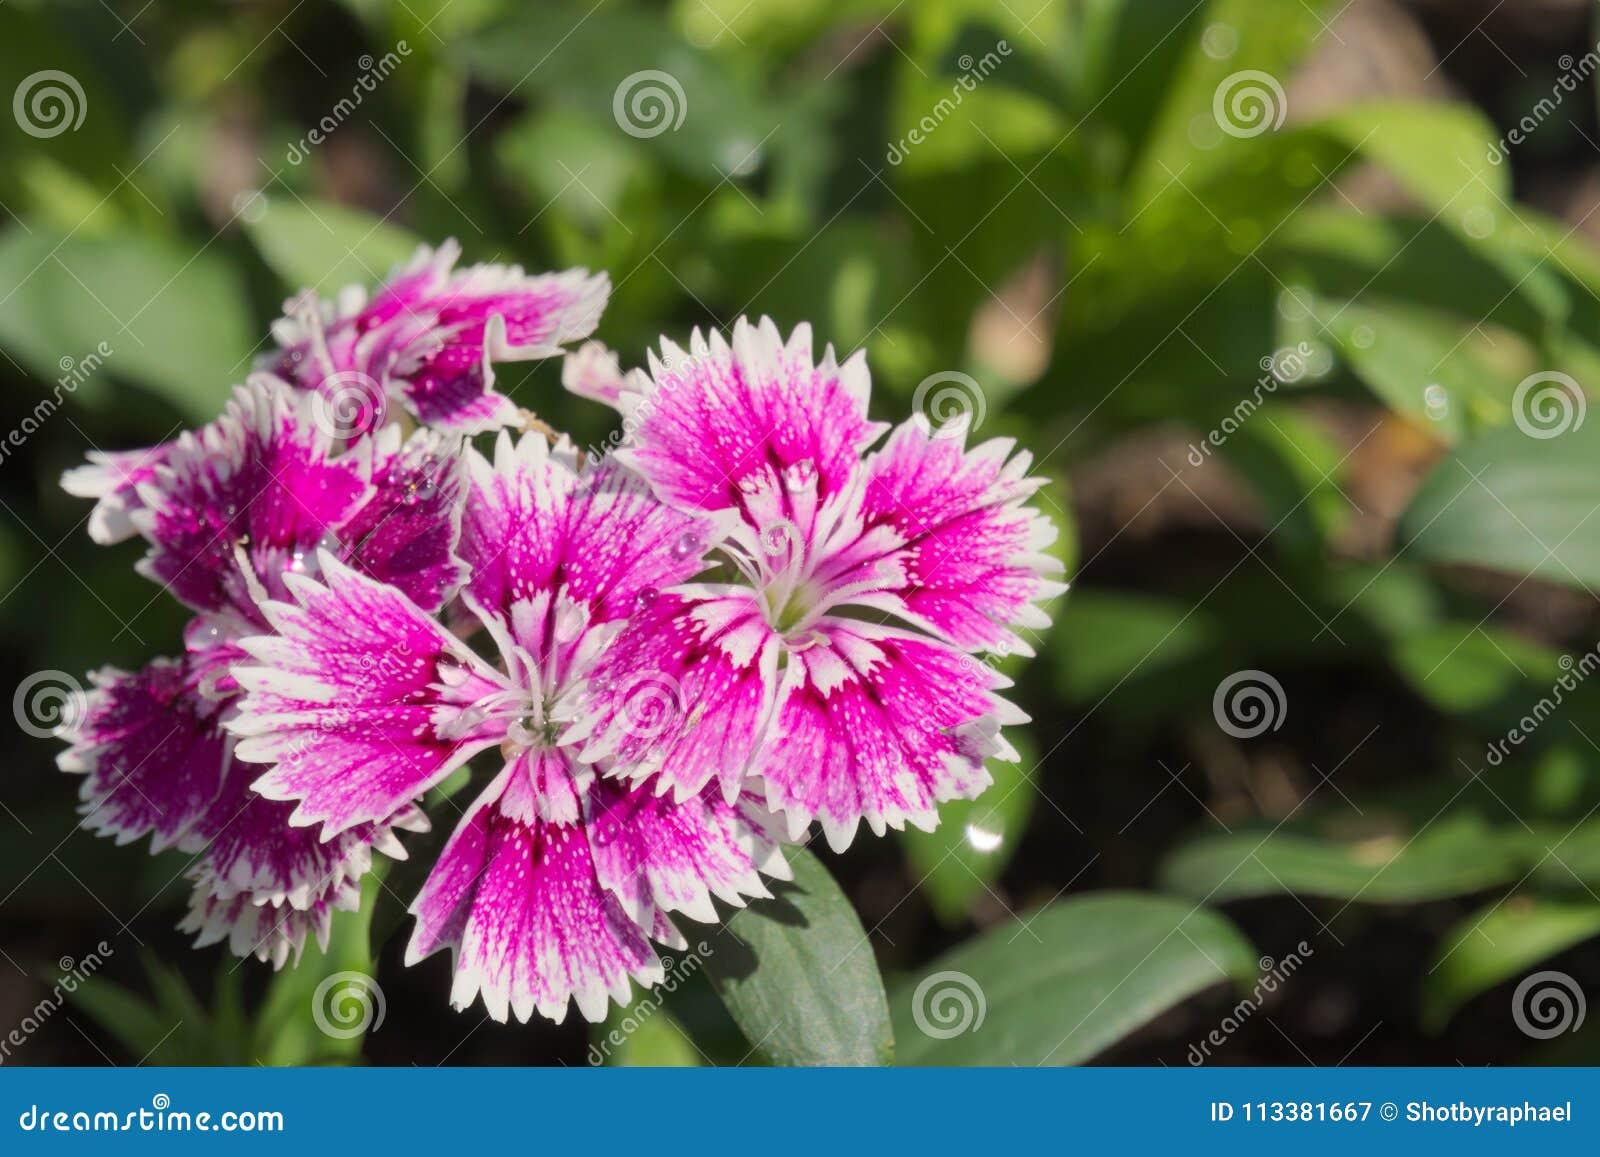 Das erstaunlich schöne Wachsen der purpurroten und weißen Blumen in einem thailändischen Garten parken